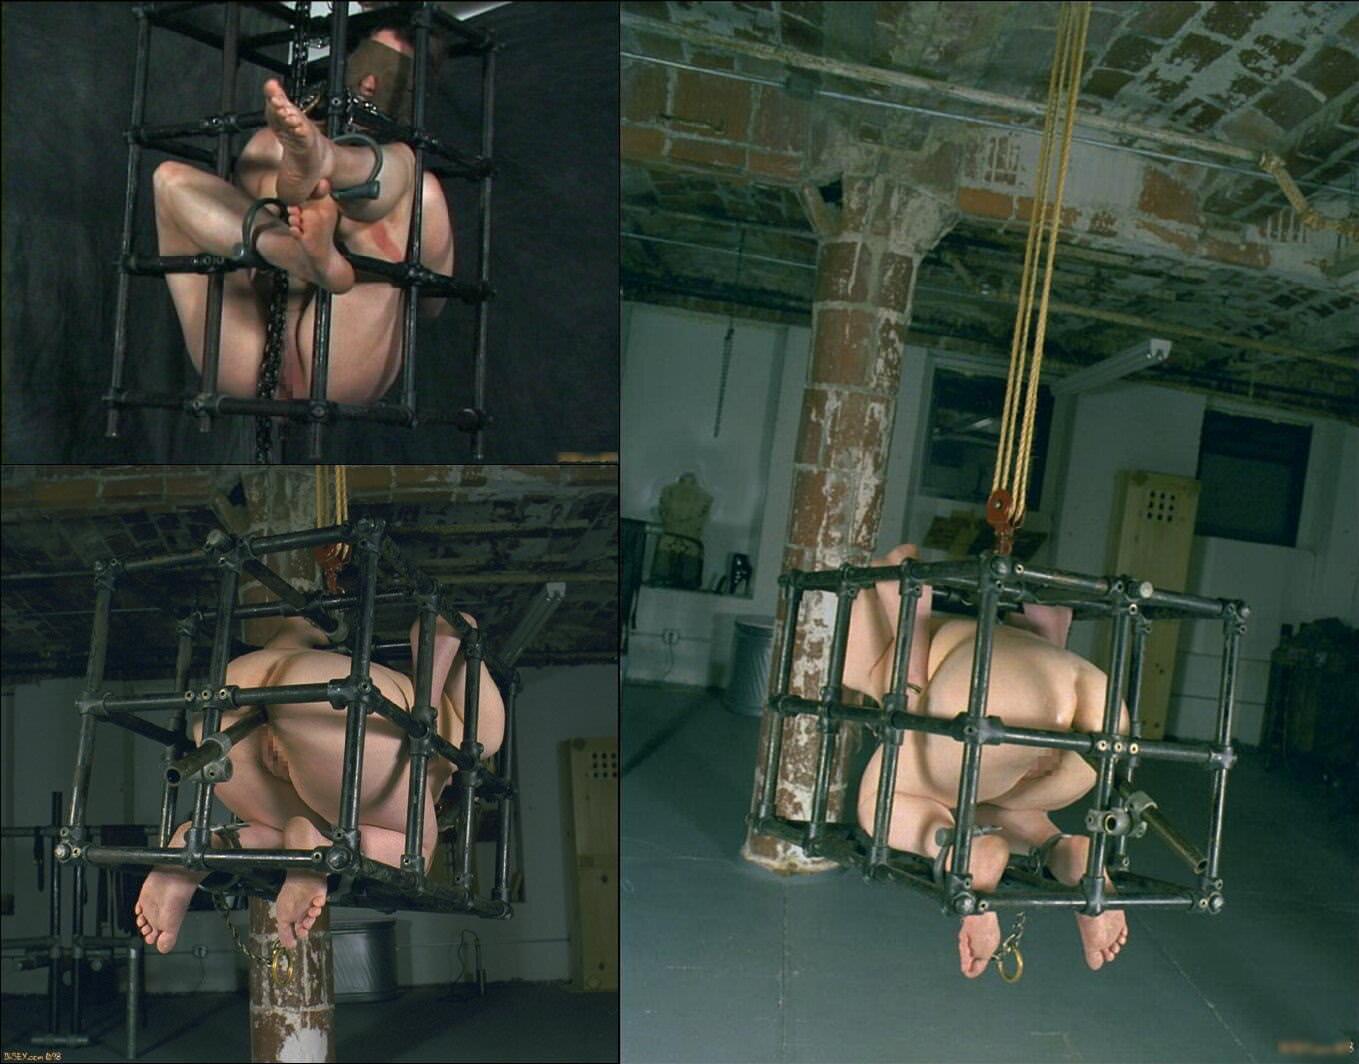 ゲージに入れて飼い慣らされた拘束人妻たちのSMエロ画像 7114